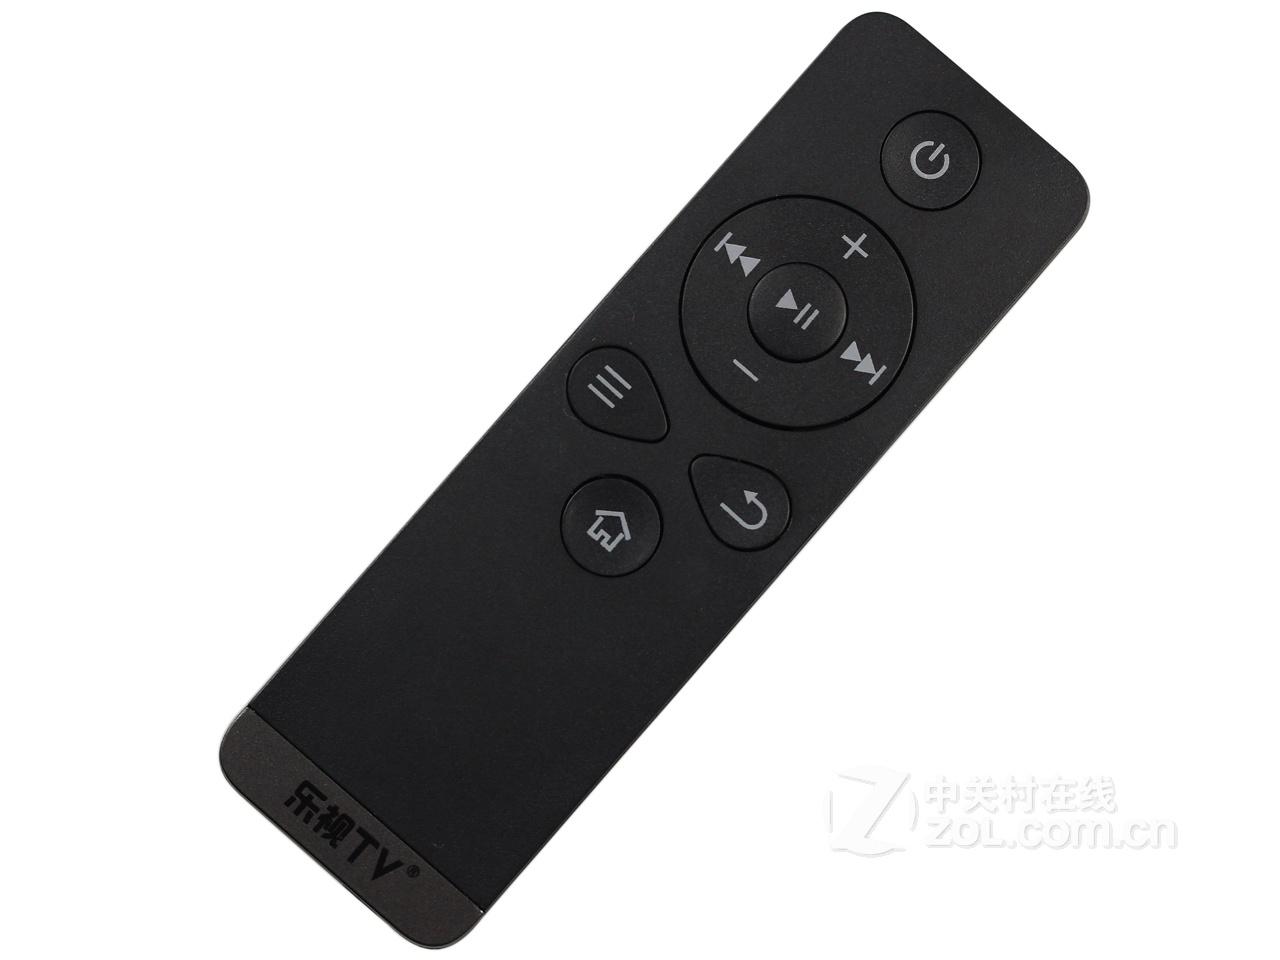 【原始大图】乐视tv 盒子c1s遥控器图片欣赏-zol